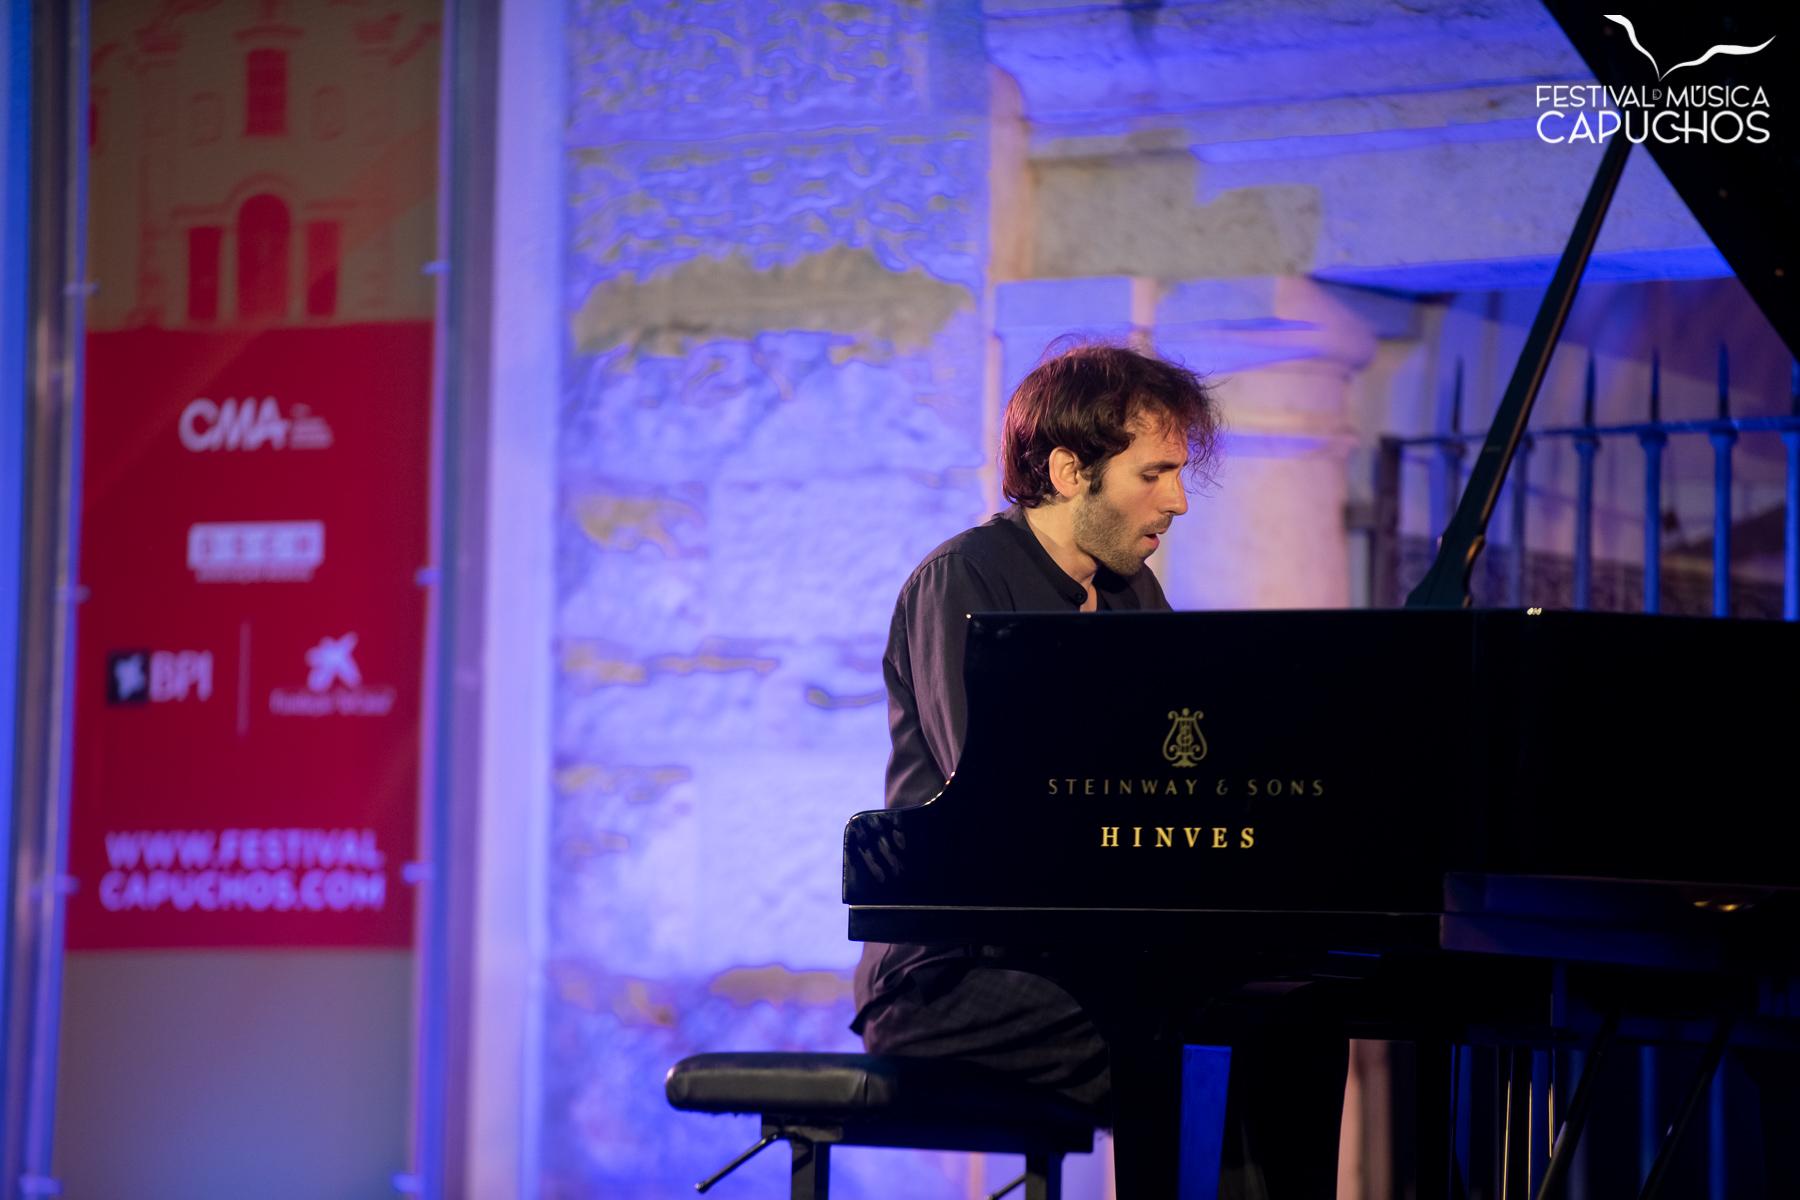 FESTIVAL DOS CAPUCHOS - Alexandre Kantorow Piano